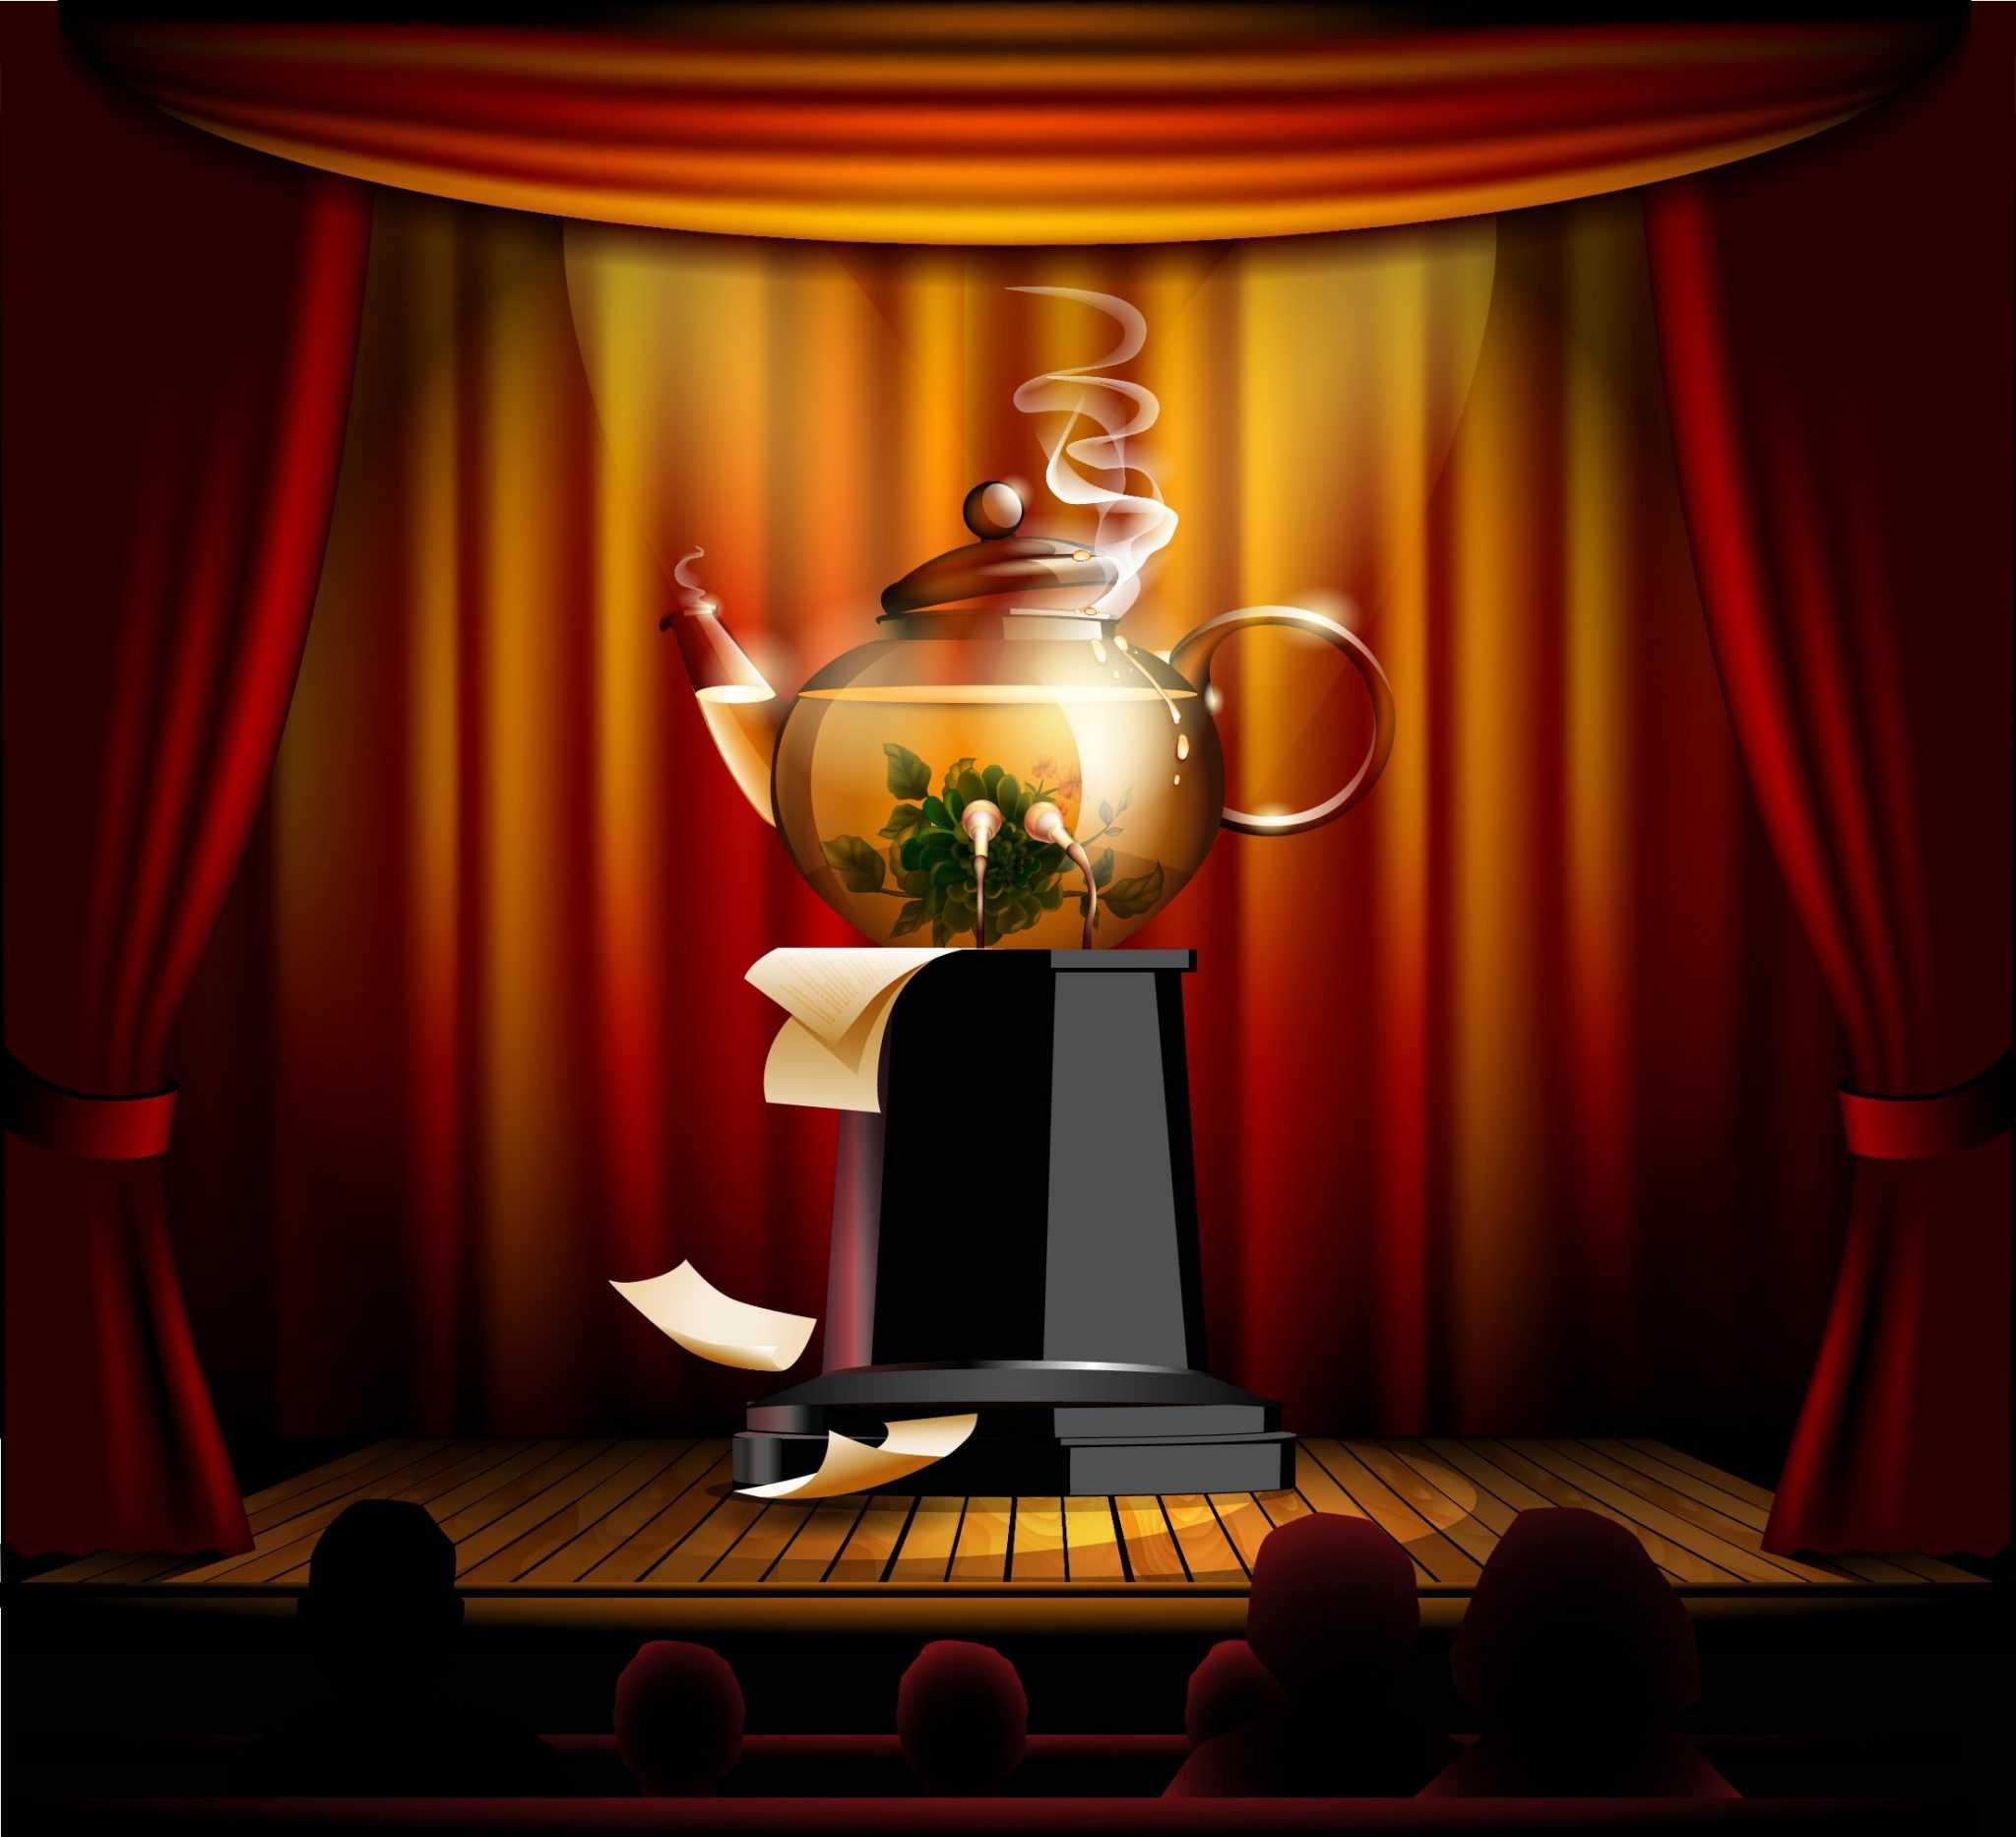 Ораторское искусство для чайников. Лучшая книга. Риторика для чайников. Книга. Выступления для чайников. Ораторское мастерство для чайников. Книга.